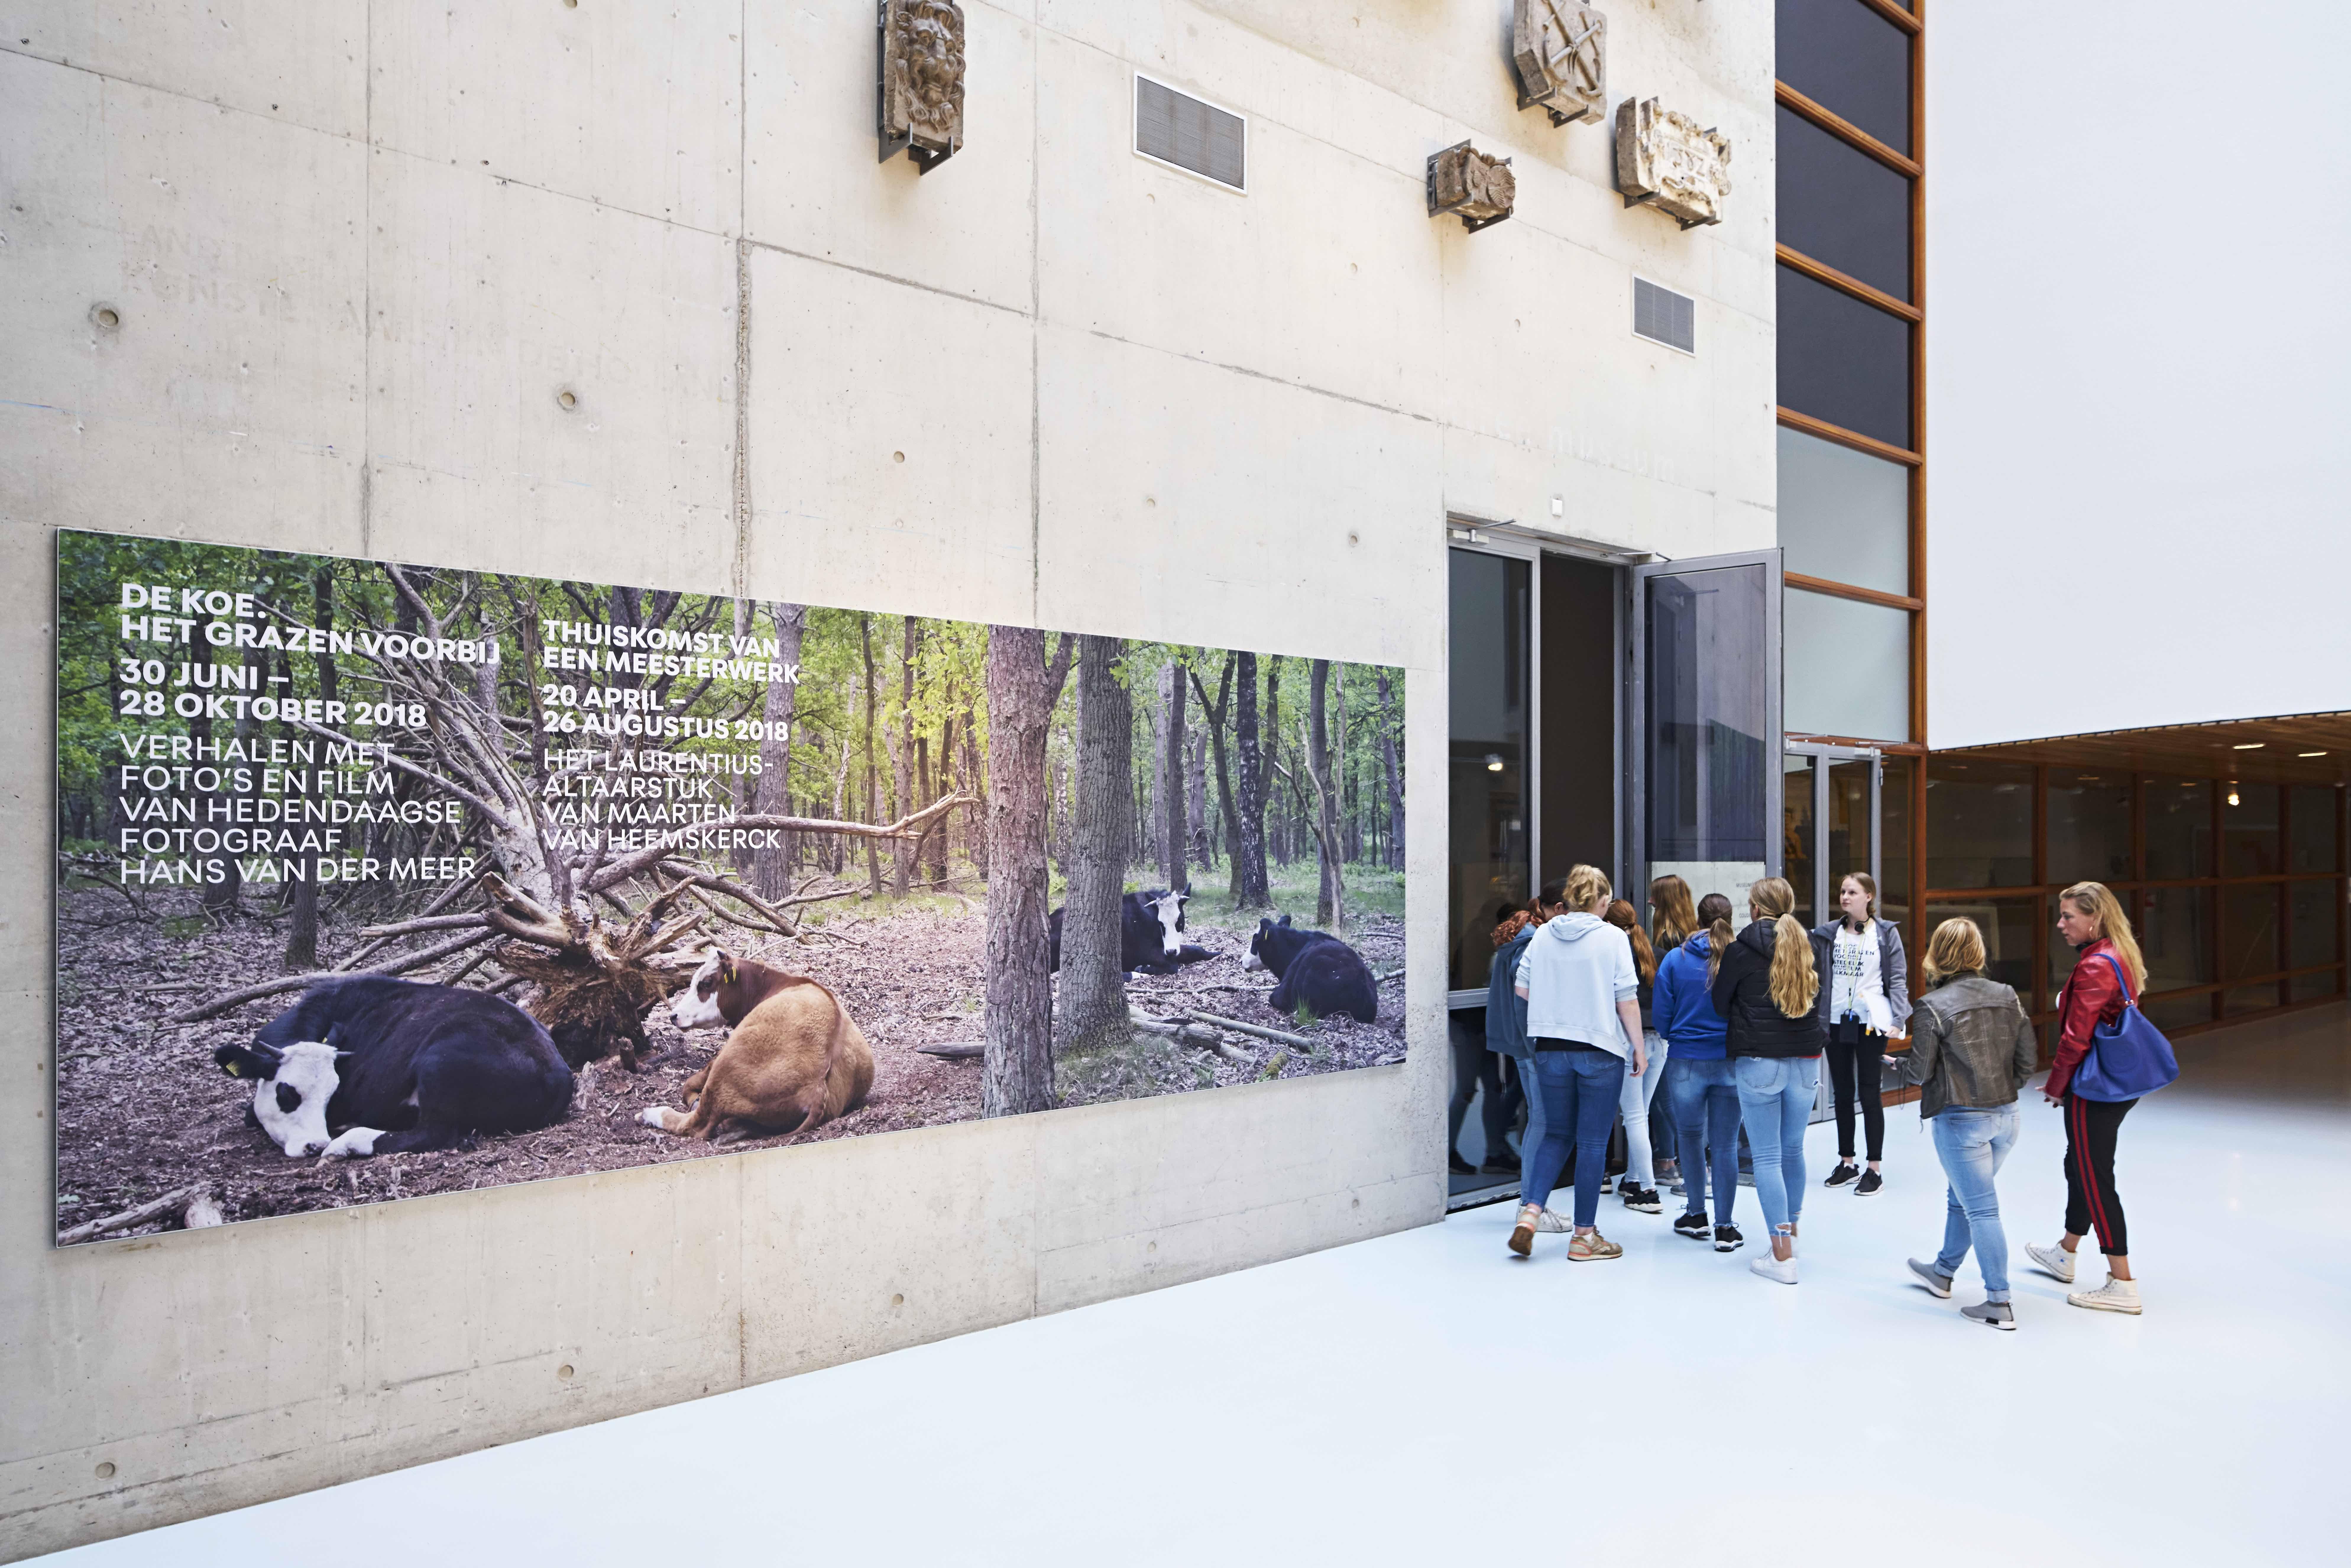 Entering the exhibition space at Stedelijk Museum Alkmaar.